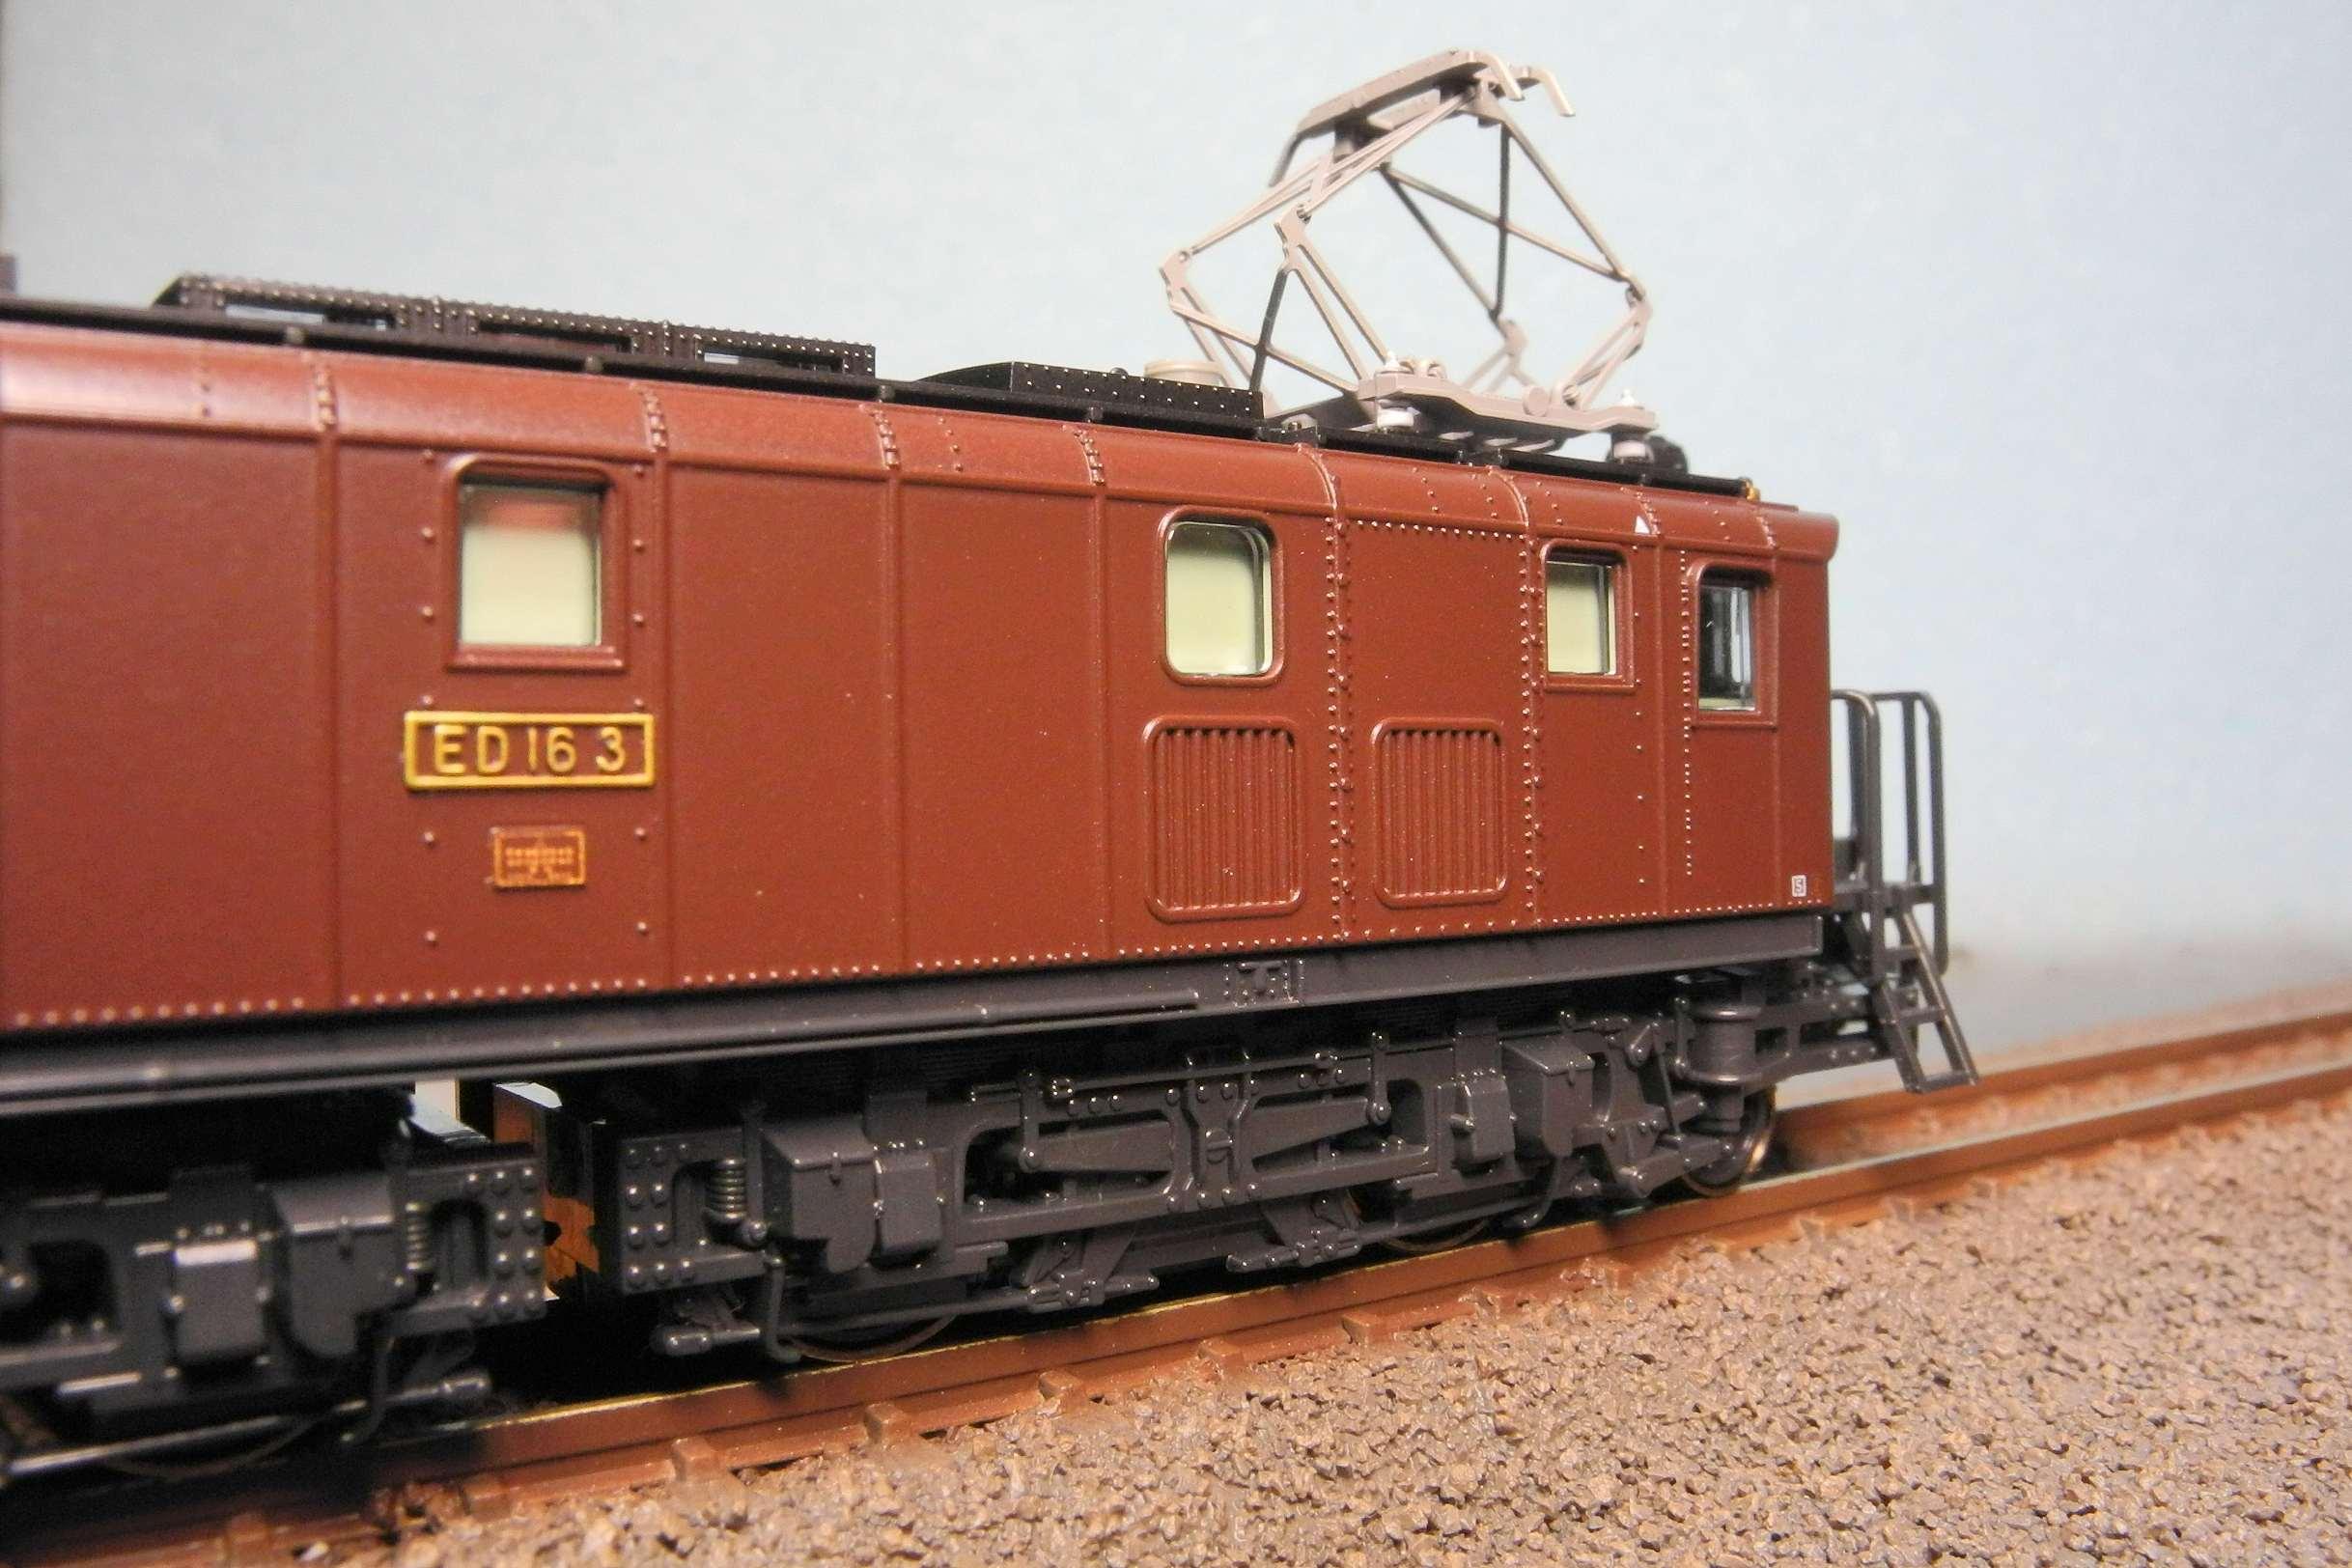 DSCN7165-1.jpg